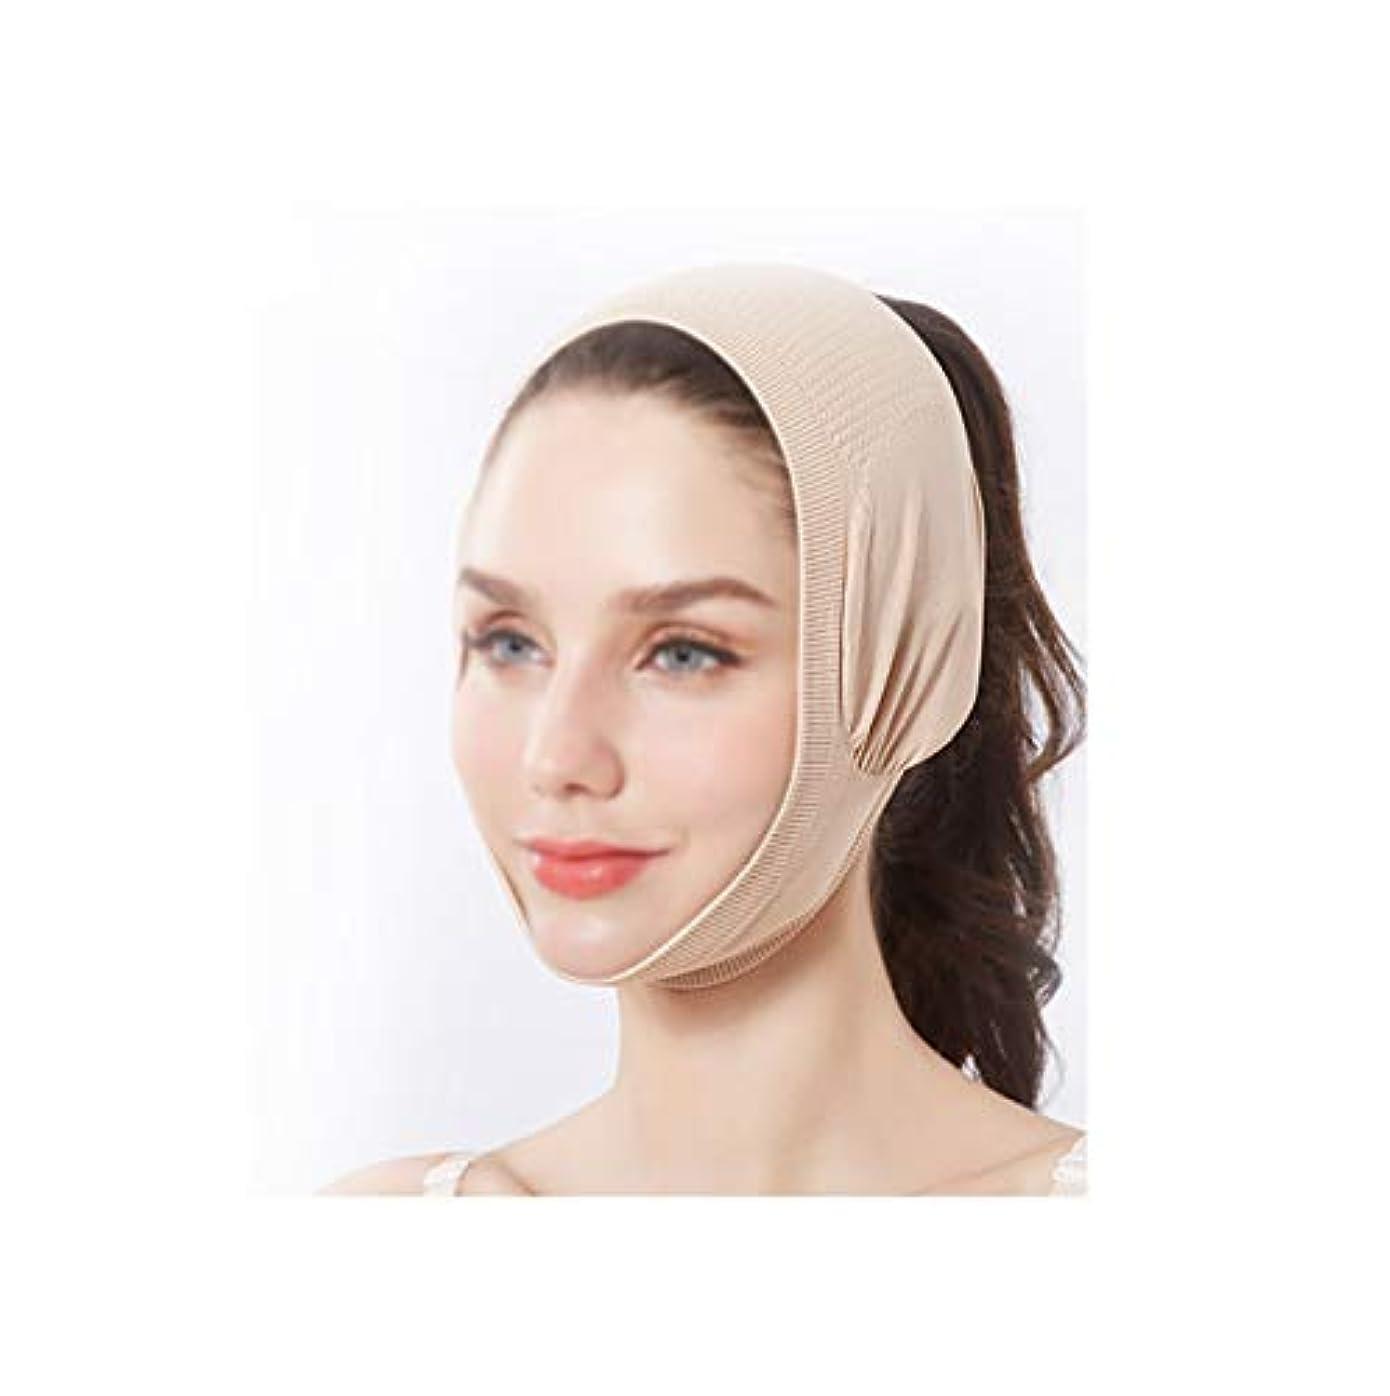 故意の先祖思いやりのあるTLMY フェイスリフトマスクマスクエクステンション強度フェースレス包帯フェイシャルラージVライン彫刻フェイシャルバックカバーネックバンド 顔用整形マスク (Color : Skin tone)